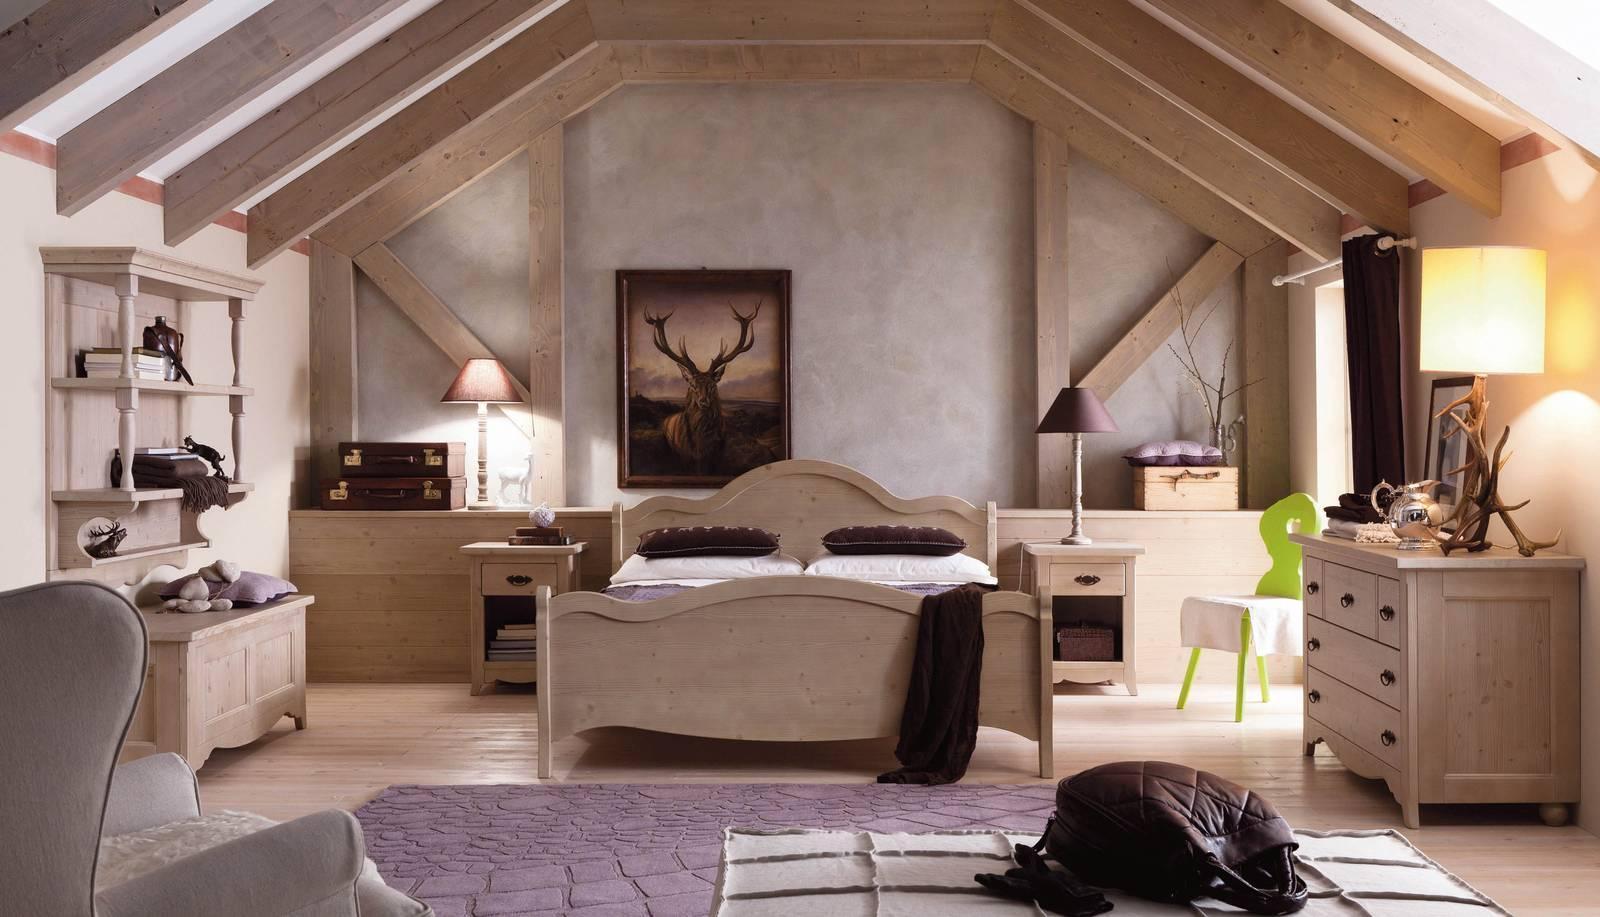 Casa in stile country: protagonisti legno e materiali grezzi - Cose ...